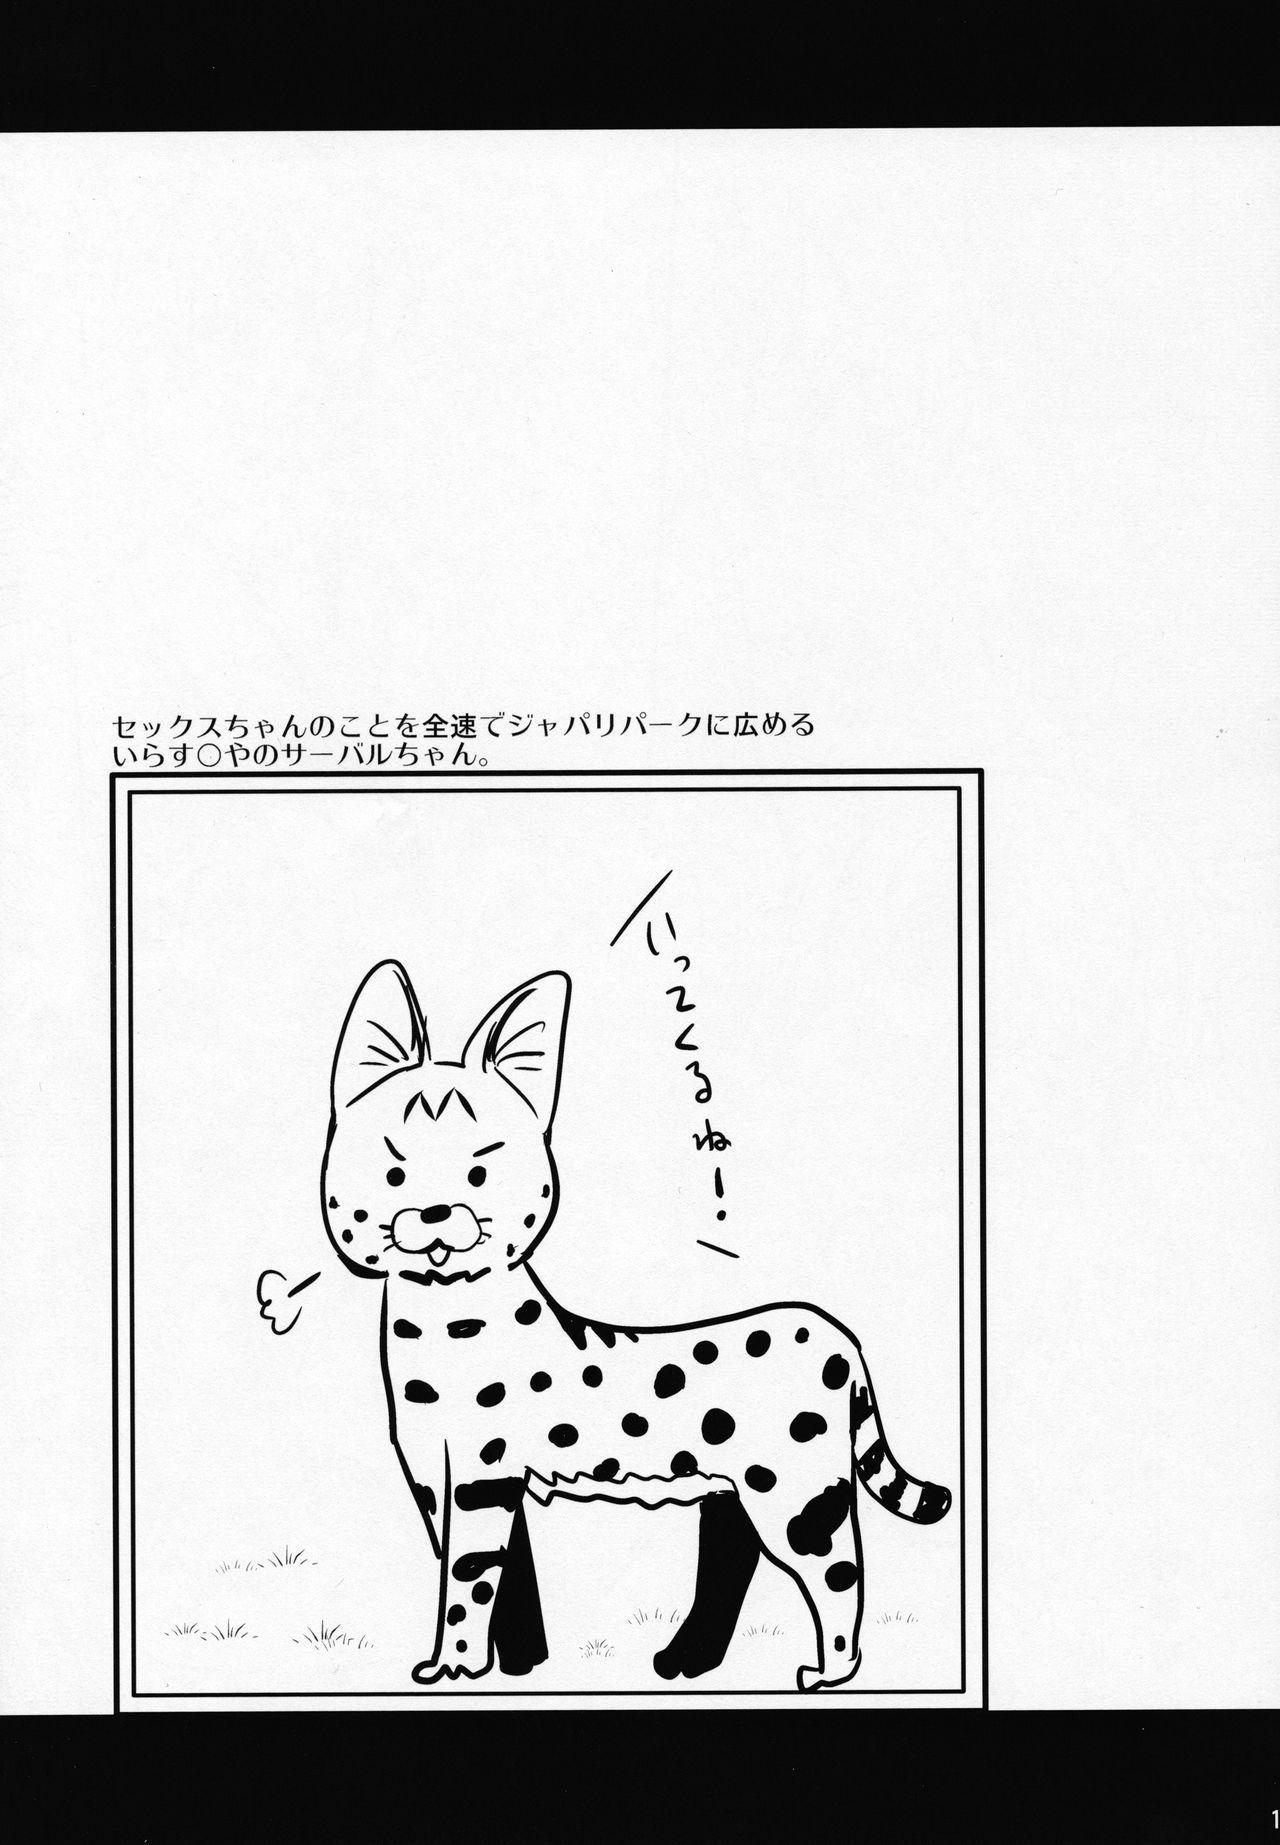 """(SC2017 Winter) [Shin Hirijidou Honpo (Hijiri Tsukasa)] Sugoi! Anata wa Hitori Koubi Gokko ga Tokui na Friends Nanda ne - Serval-chan ni, """"Hanshoku no Tame no Koubi"""" ja nai, Kimochiyoku Naru Tame no """"Namahame Sex"""" Oshieteageru Hanashi. (Kemono Friends) 15"""